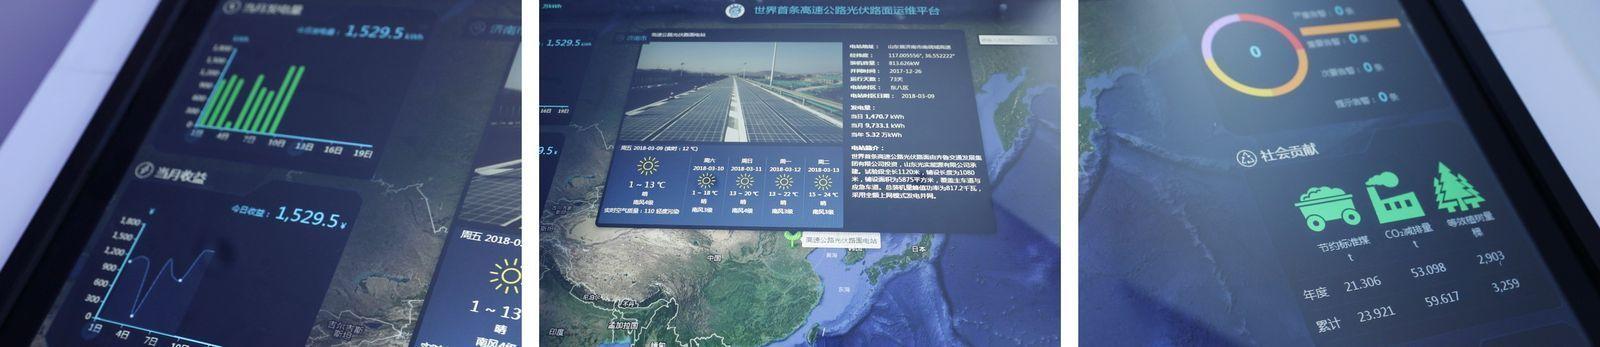 Умная дорога в Китае_2